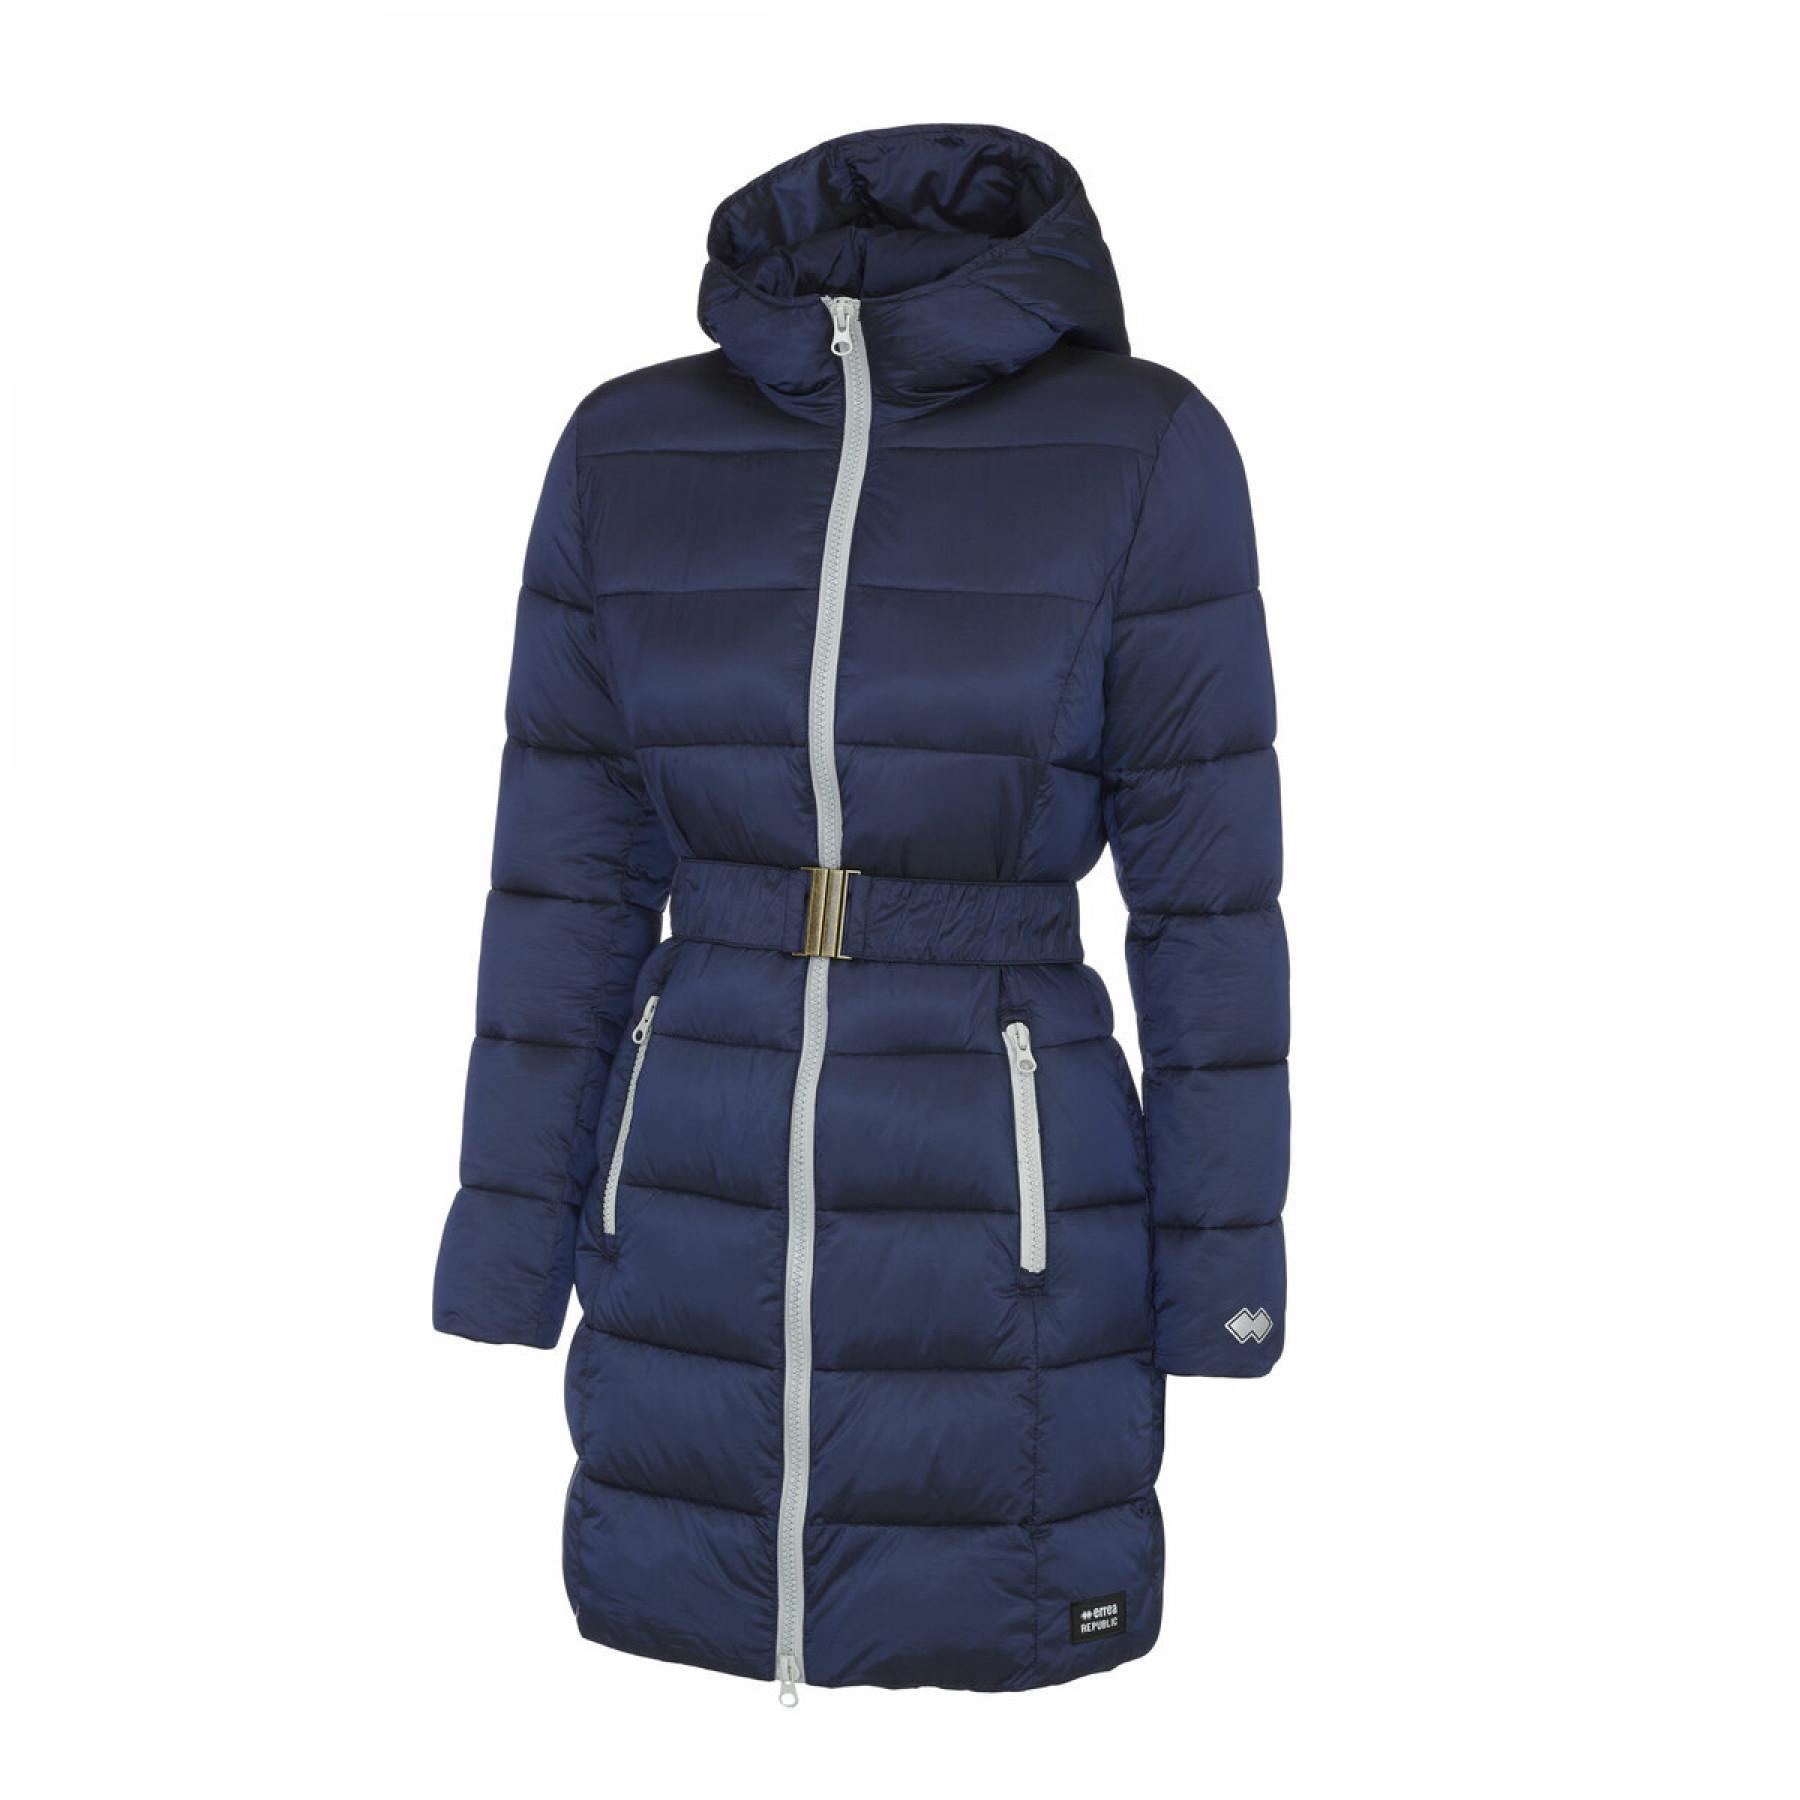 Errea women's hybrid long jacket